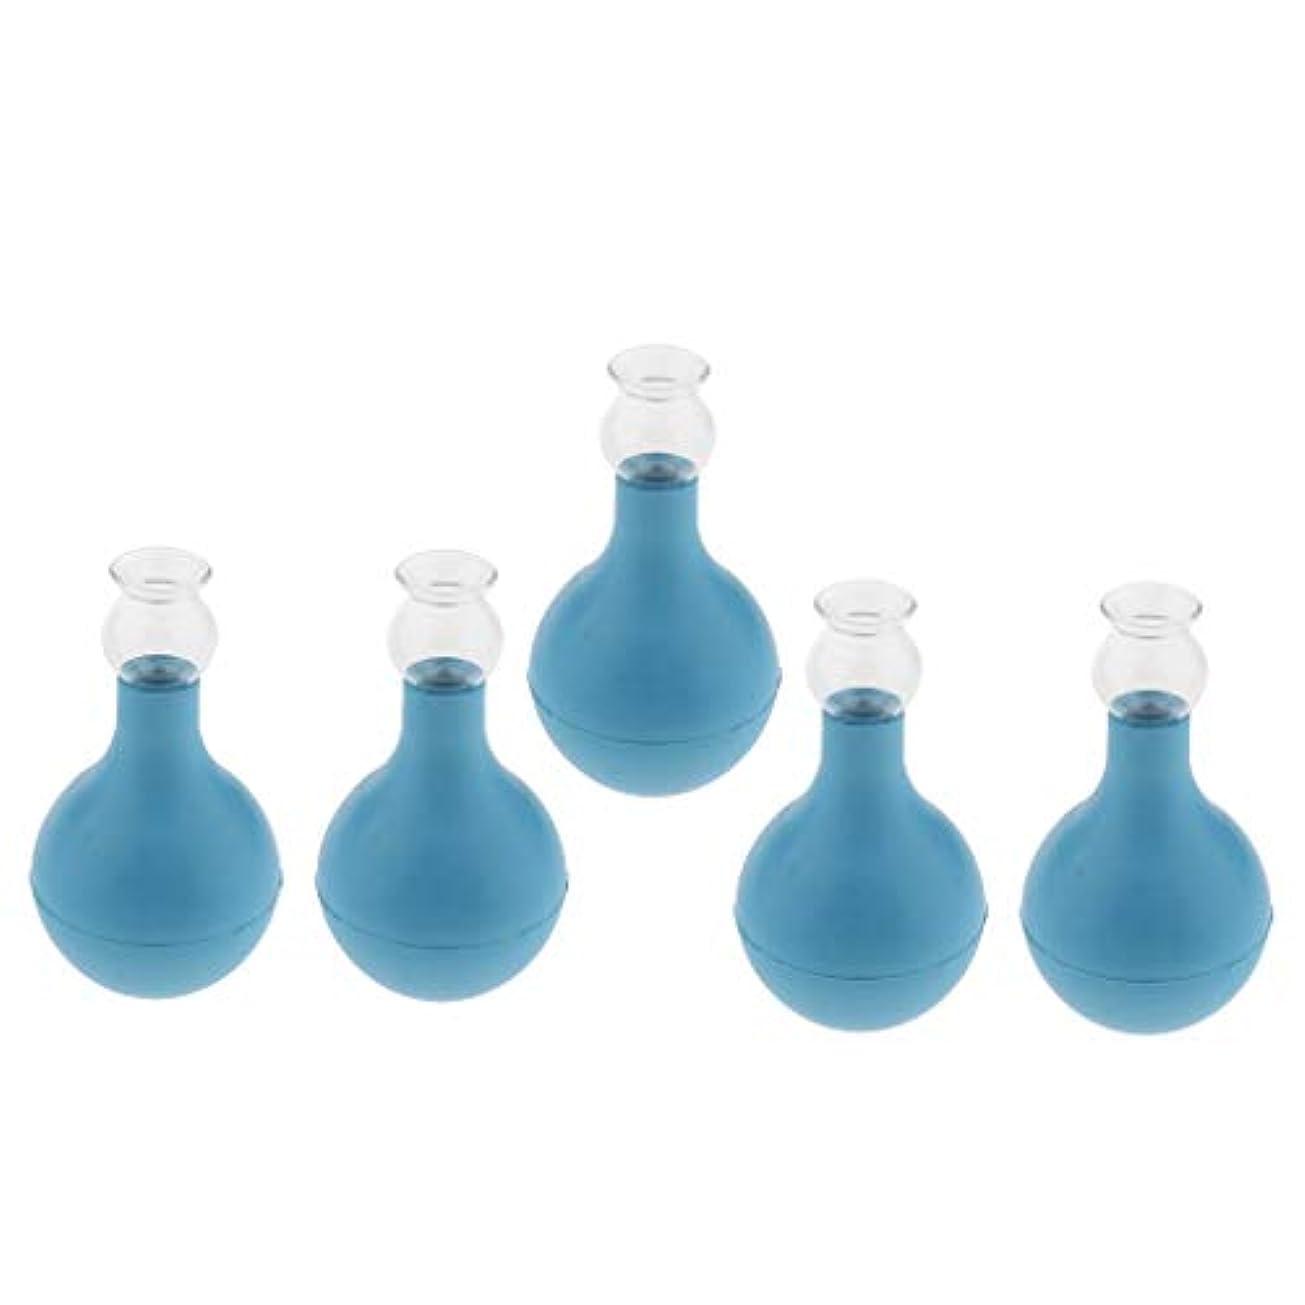 足枷議題ぼかすFLAMEER 5個 セルライト対策 カッピング ガラス/シリコン マッサージ吸い玉 使いやすい 腫脹緩和 2種選ぶ - ブルー+ブルー2cm, 2cm